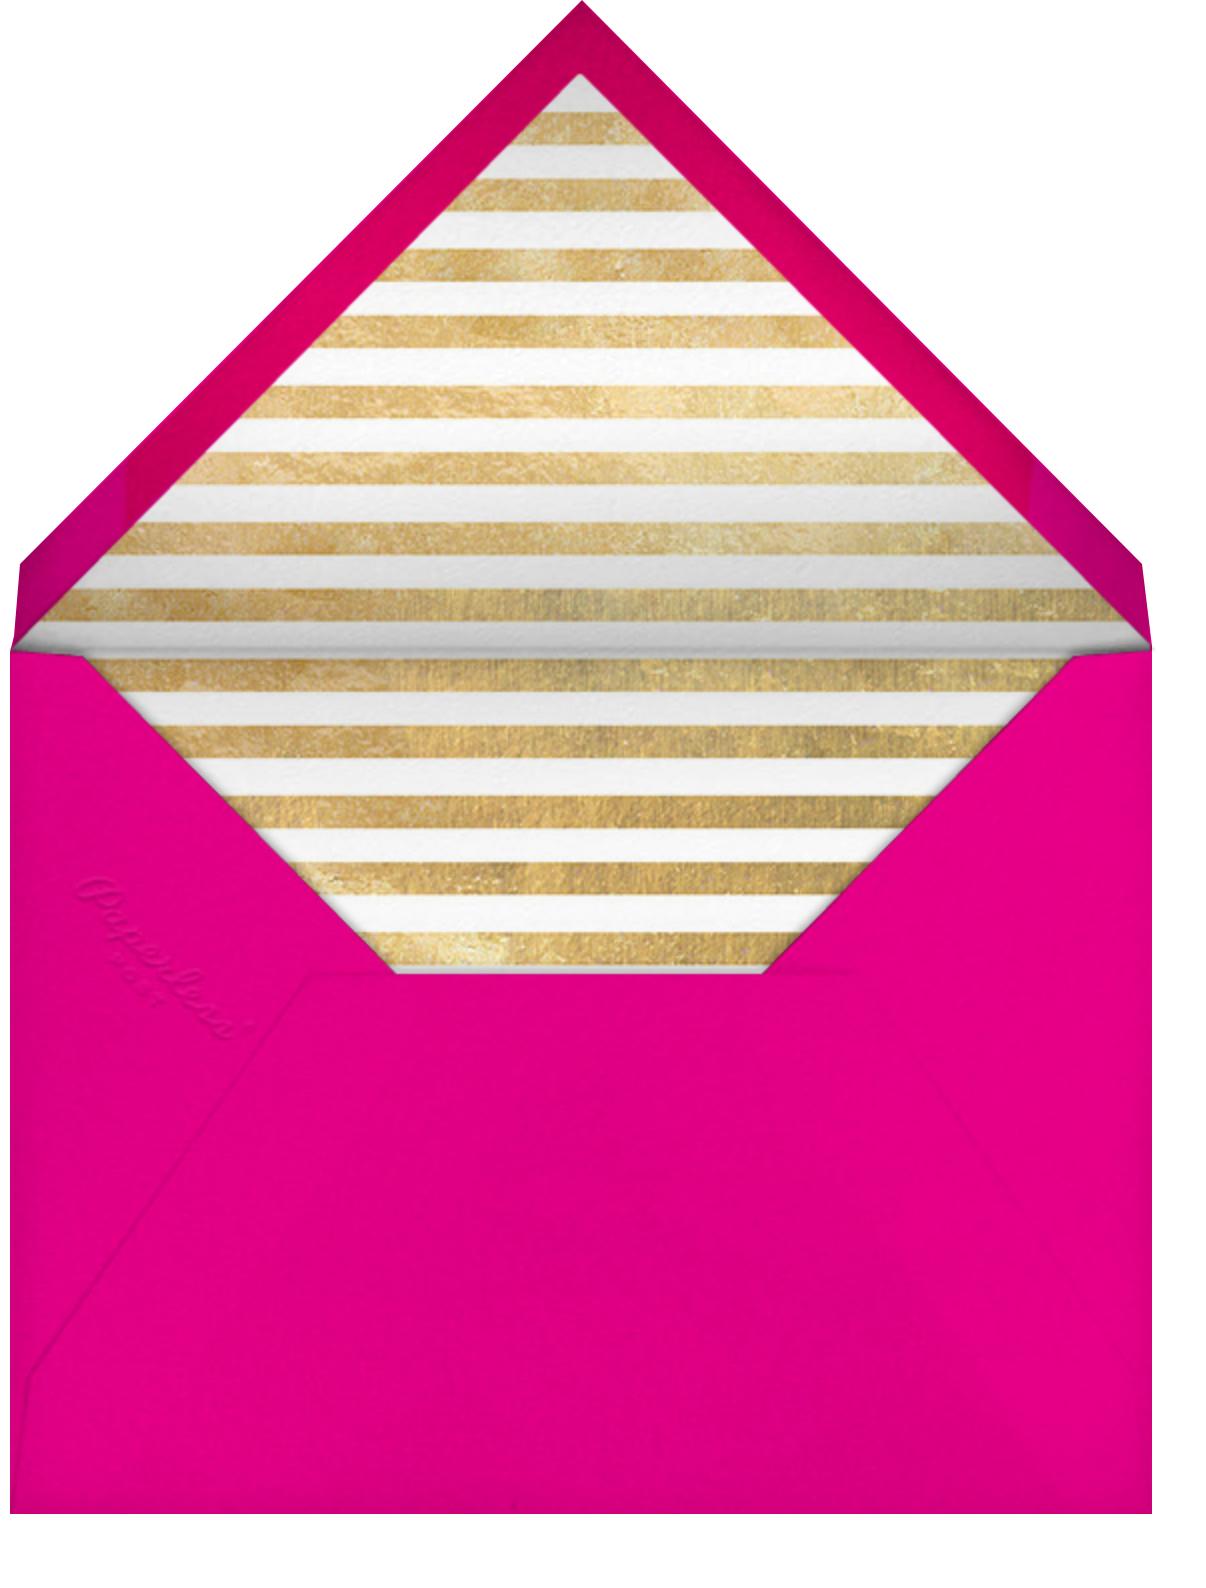 Floral Punch - kate spade new york - Baby shower - envelope back